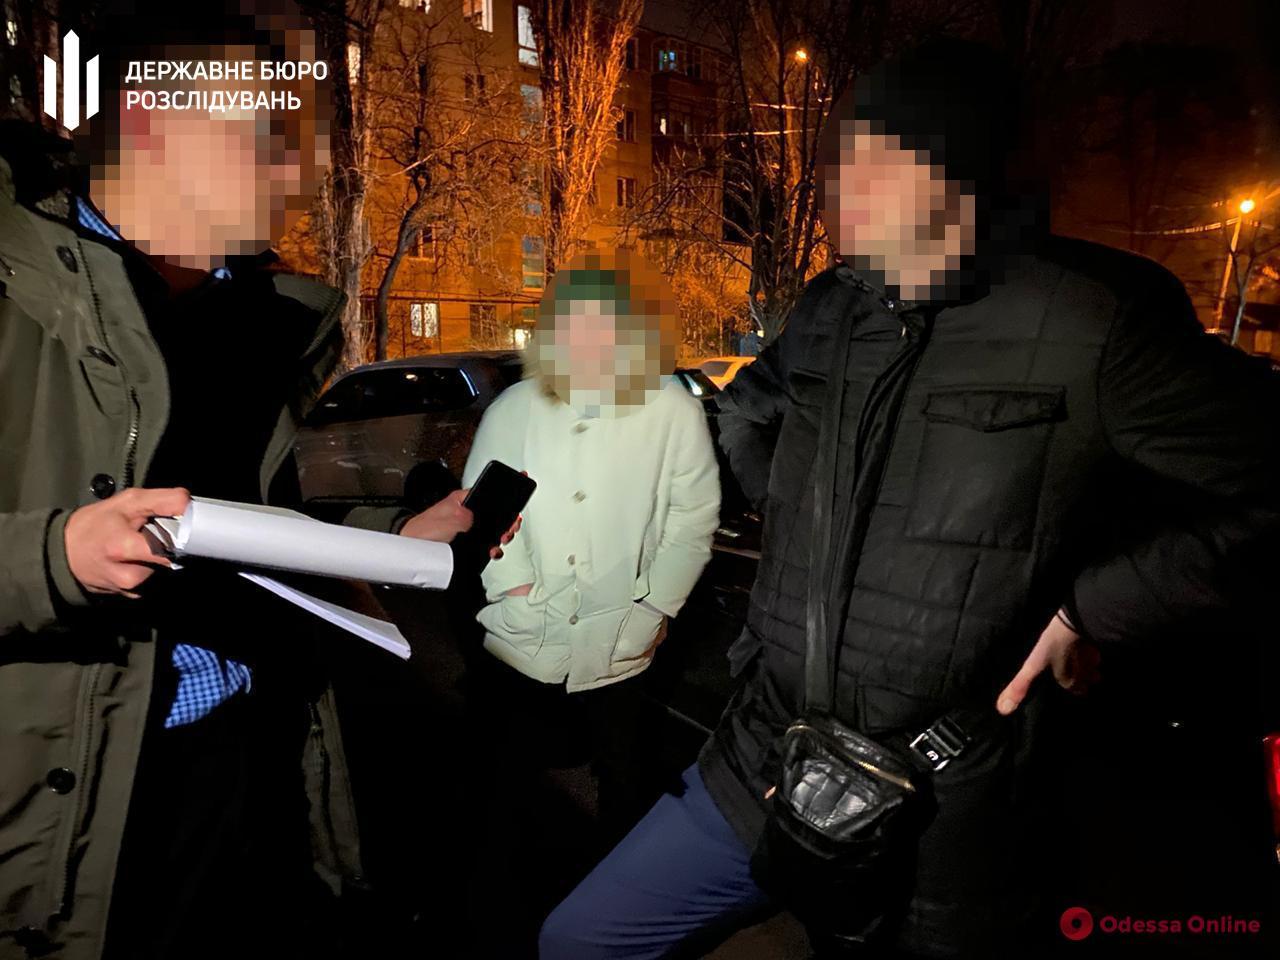 Одесского прокурора поймали на взятке в 25 тысяч долларов